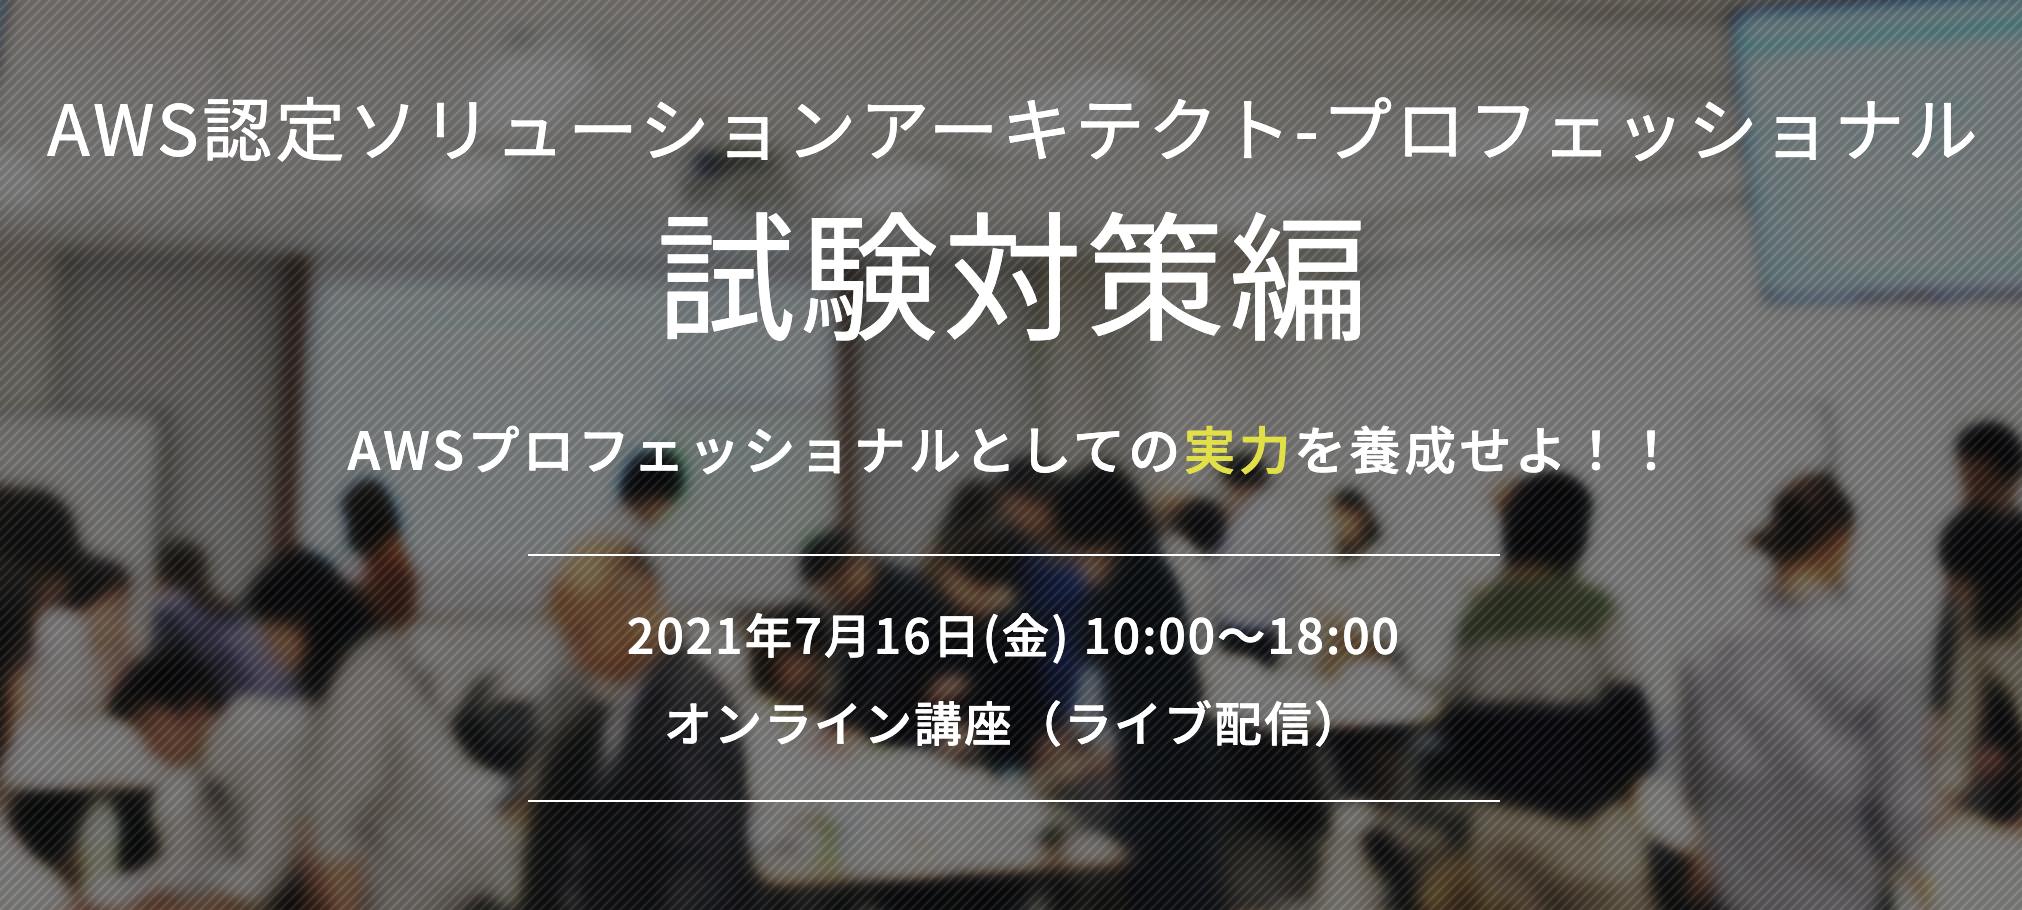 【7月16日】当社の小倉がAWS認定ソリューションアーキテクト-プロフェッショナル試験対策編の講師を務めます